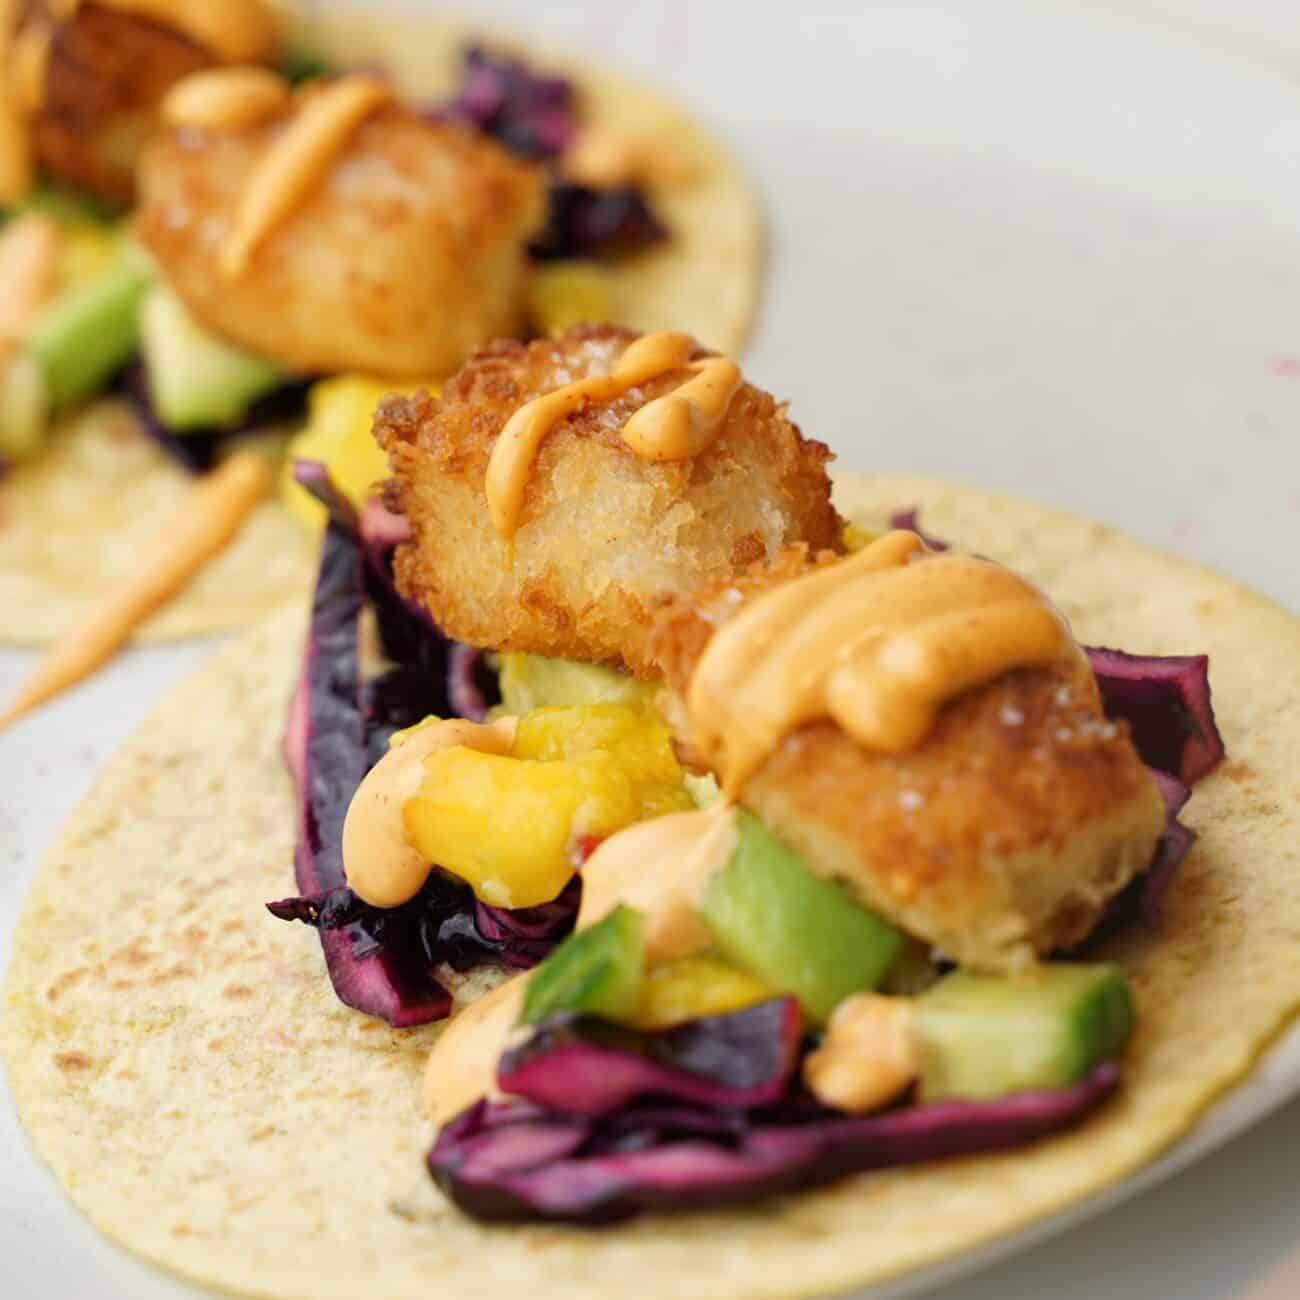 Fish tacos med avokado och mangosalsa, rödkål och srirachamajonnäs